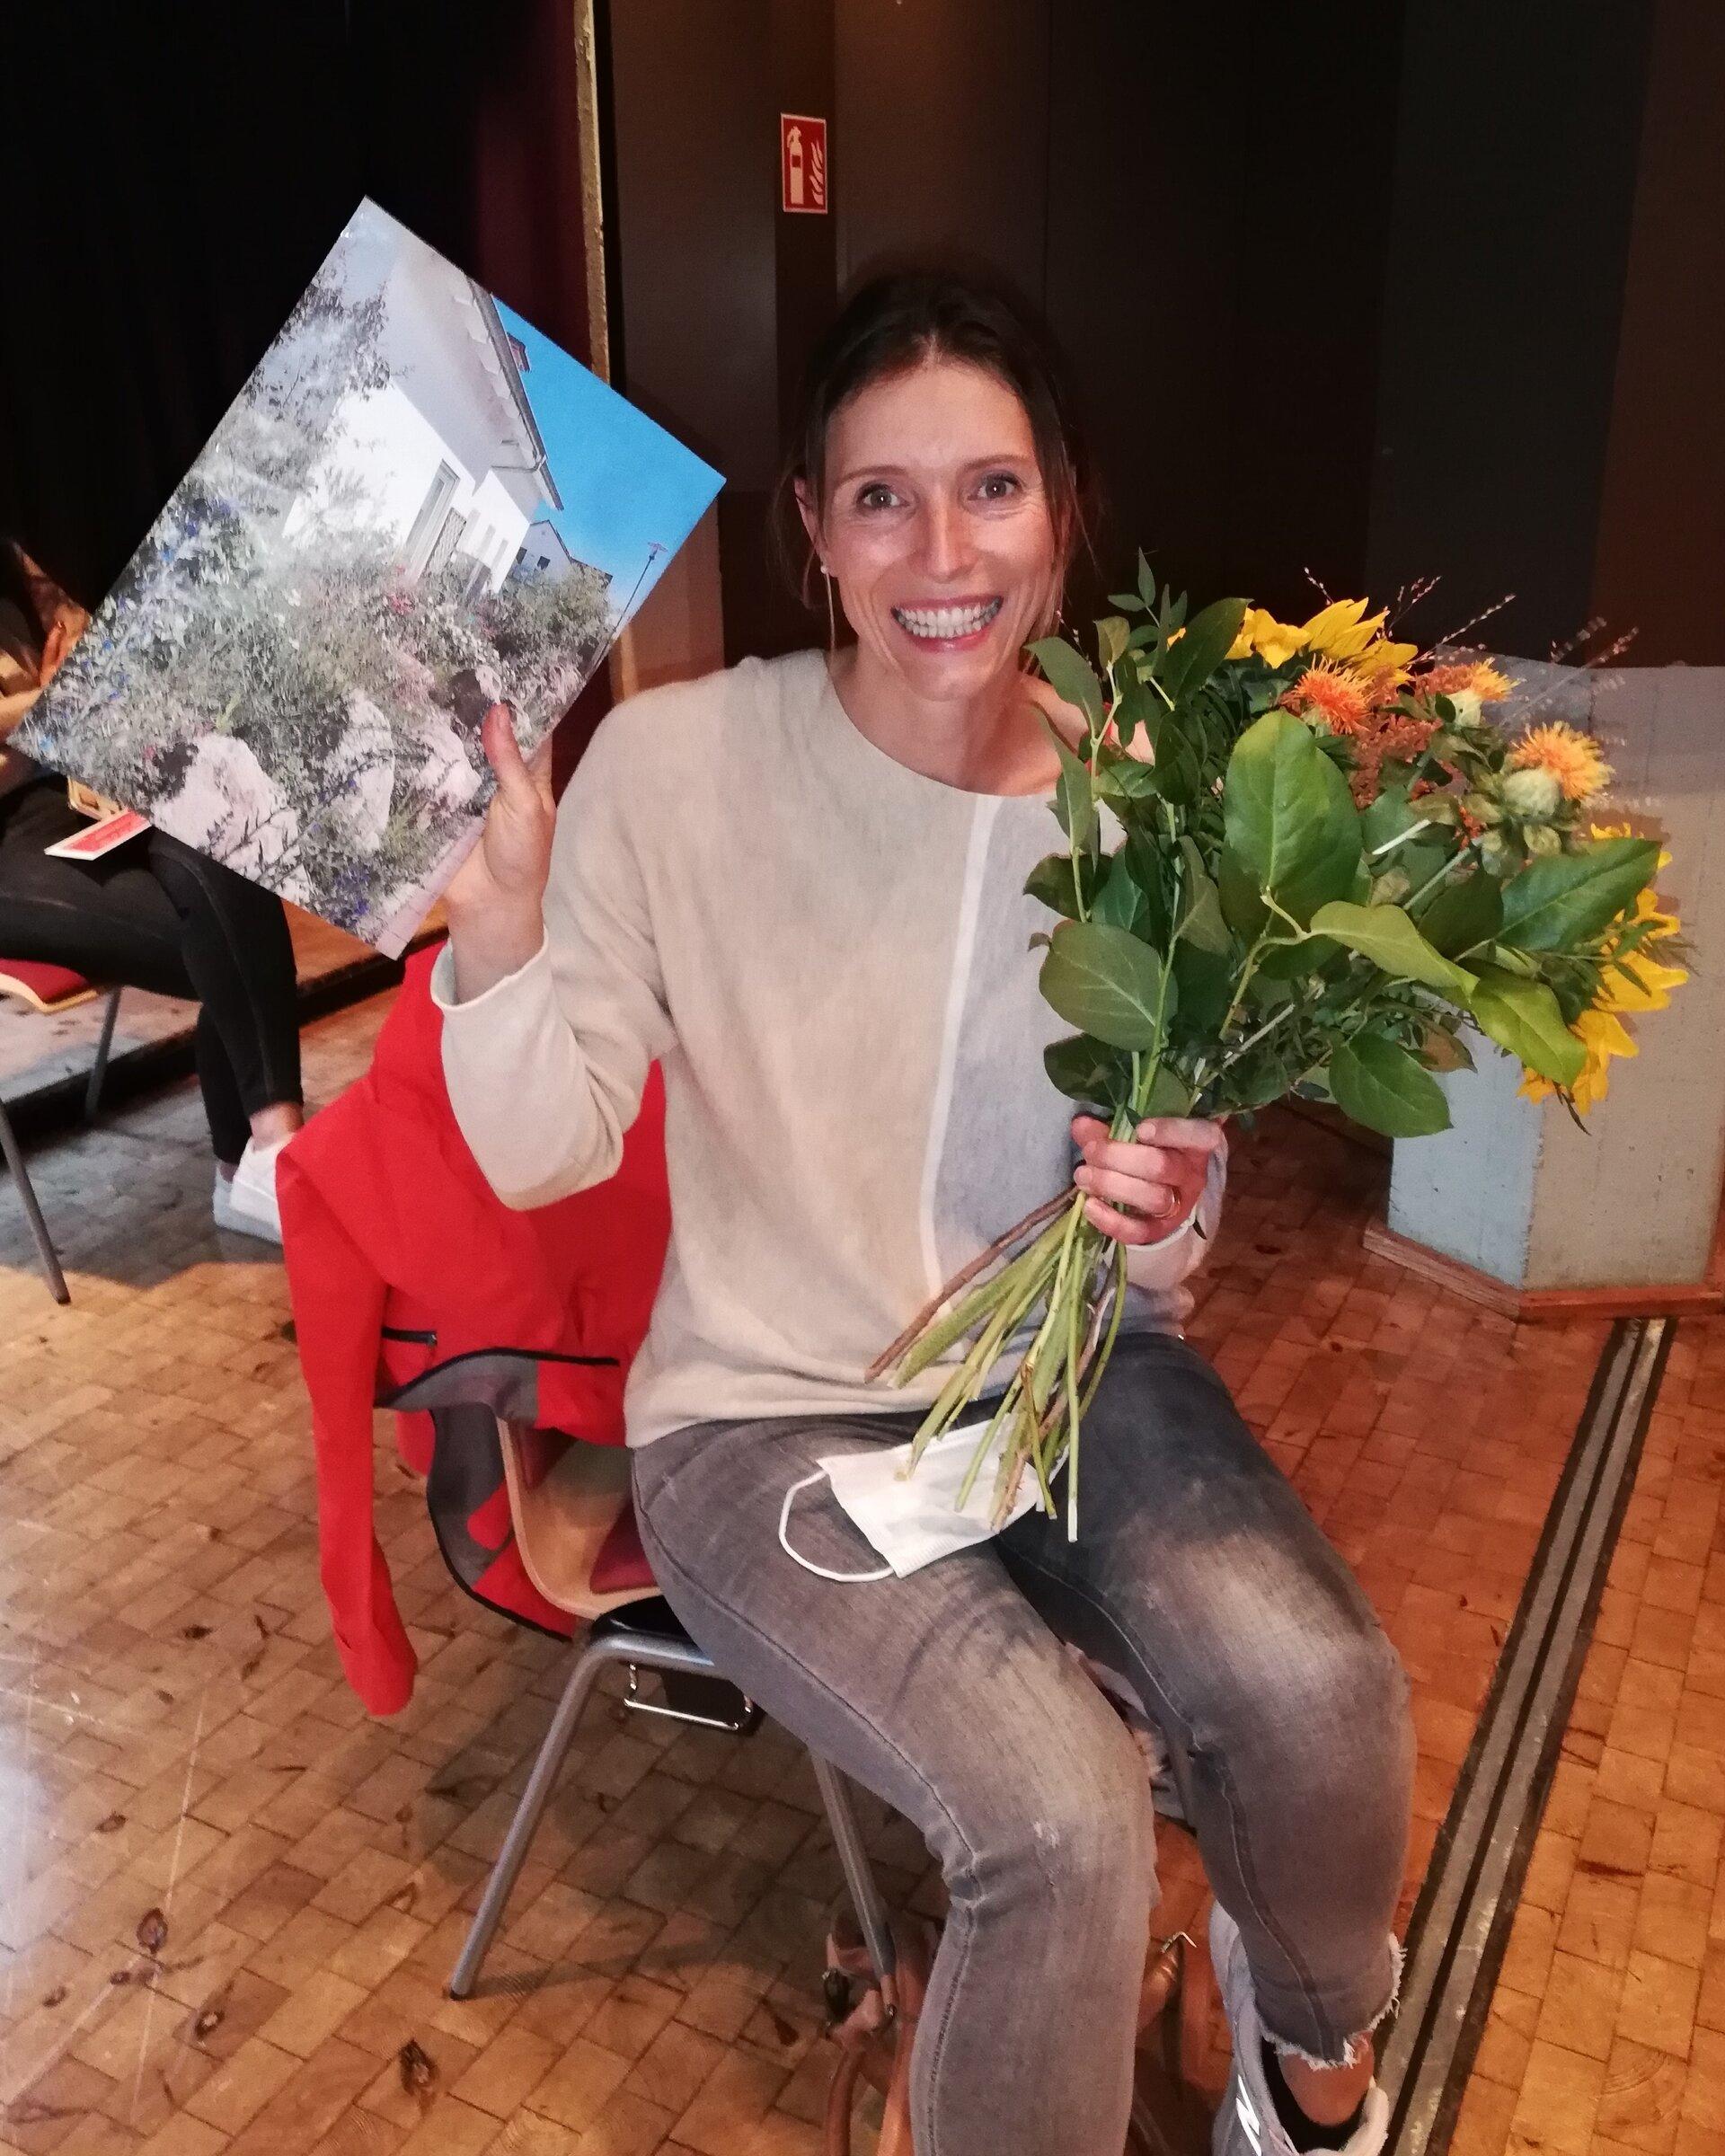 Siegerin des Vorgartenwettbewerbs: Yvonne Spiegelhalder